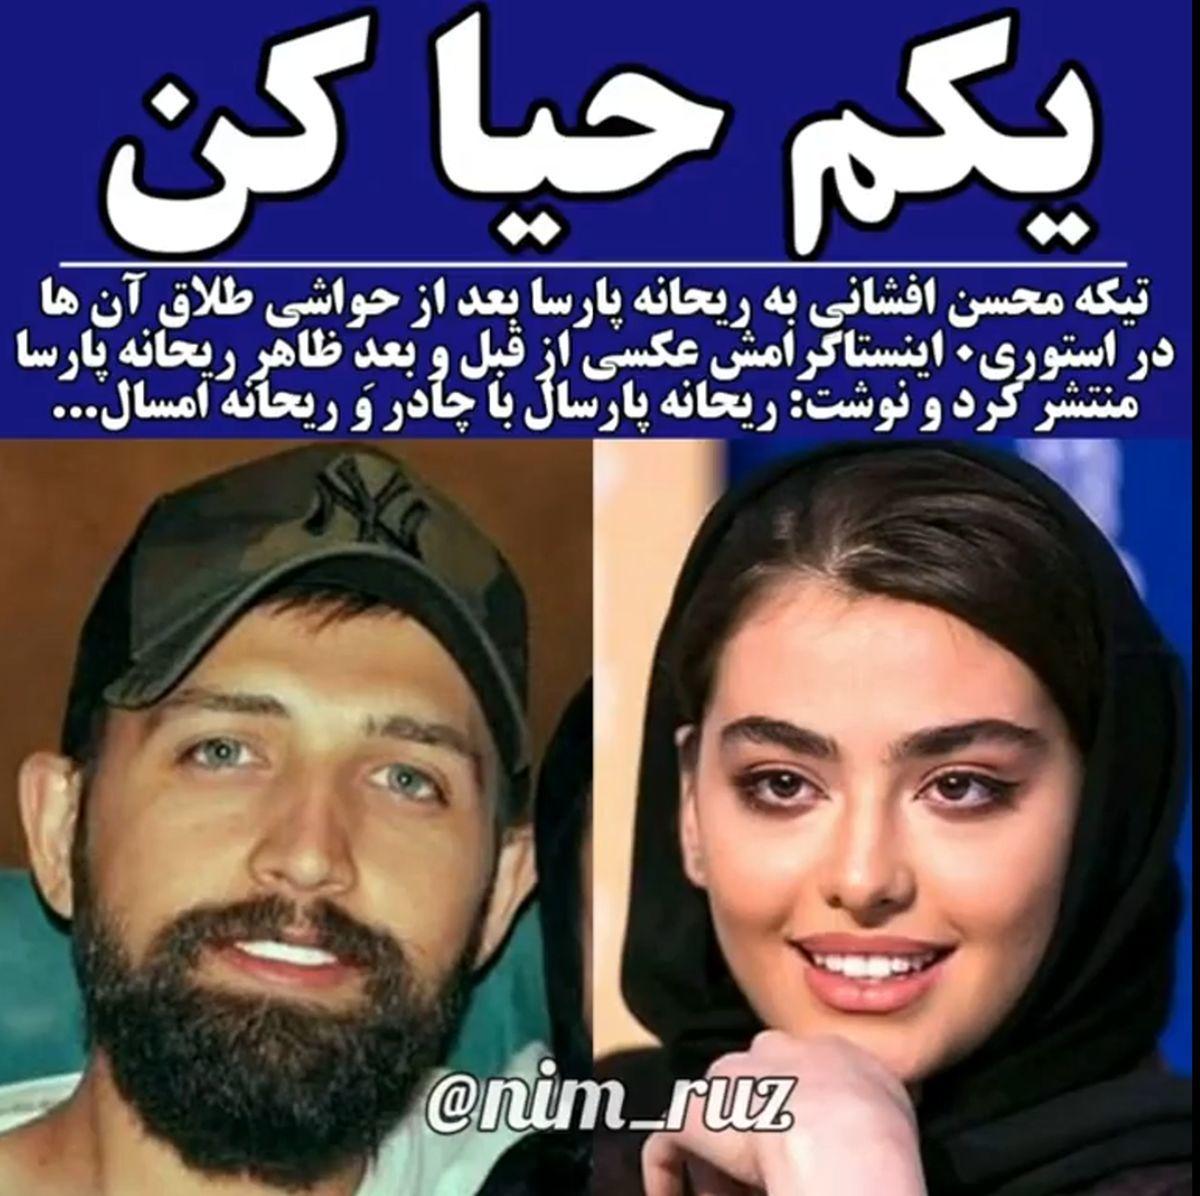 محسن افشانی ریحانه پارسا را با خاک یکسان کرد + عکس